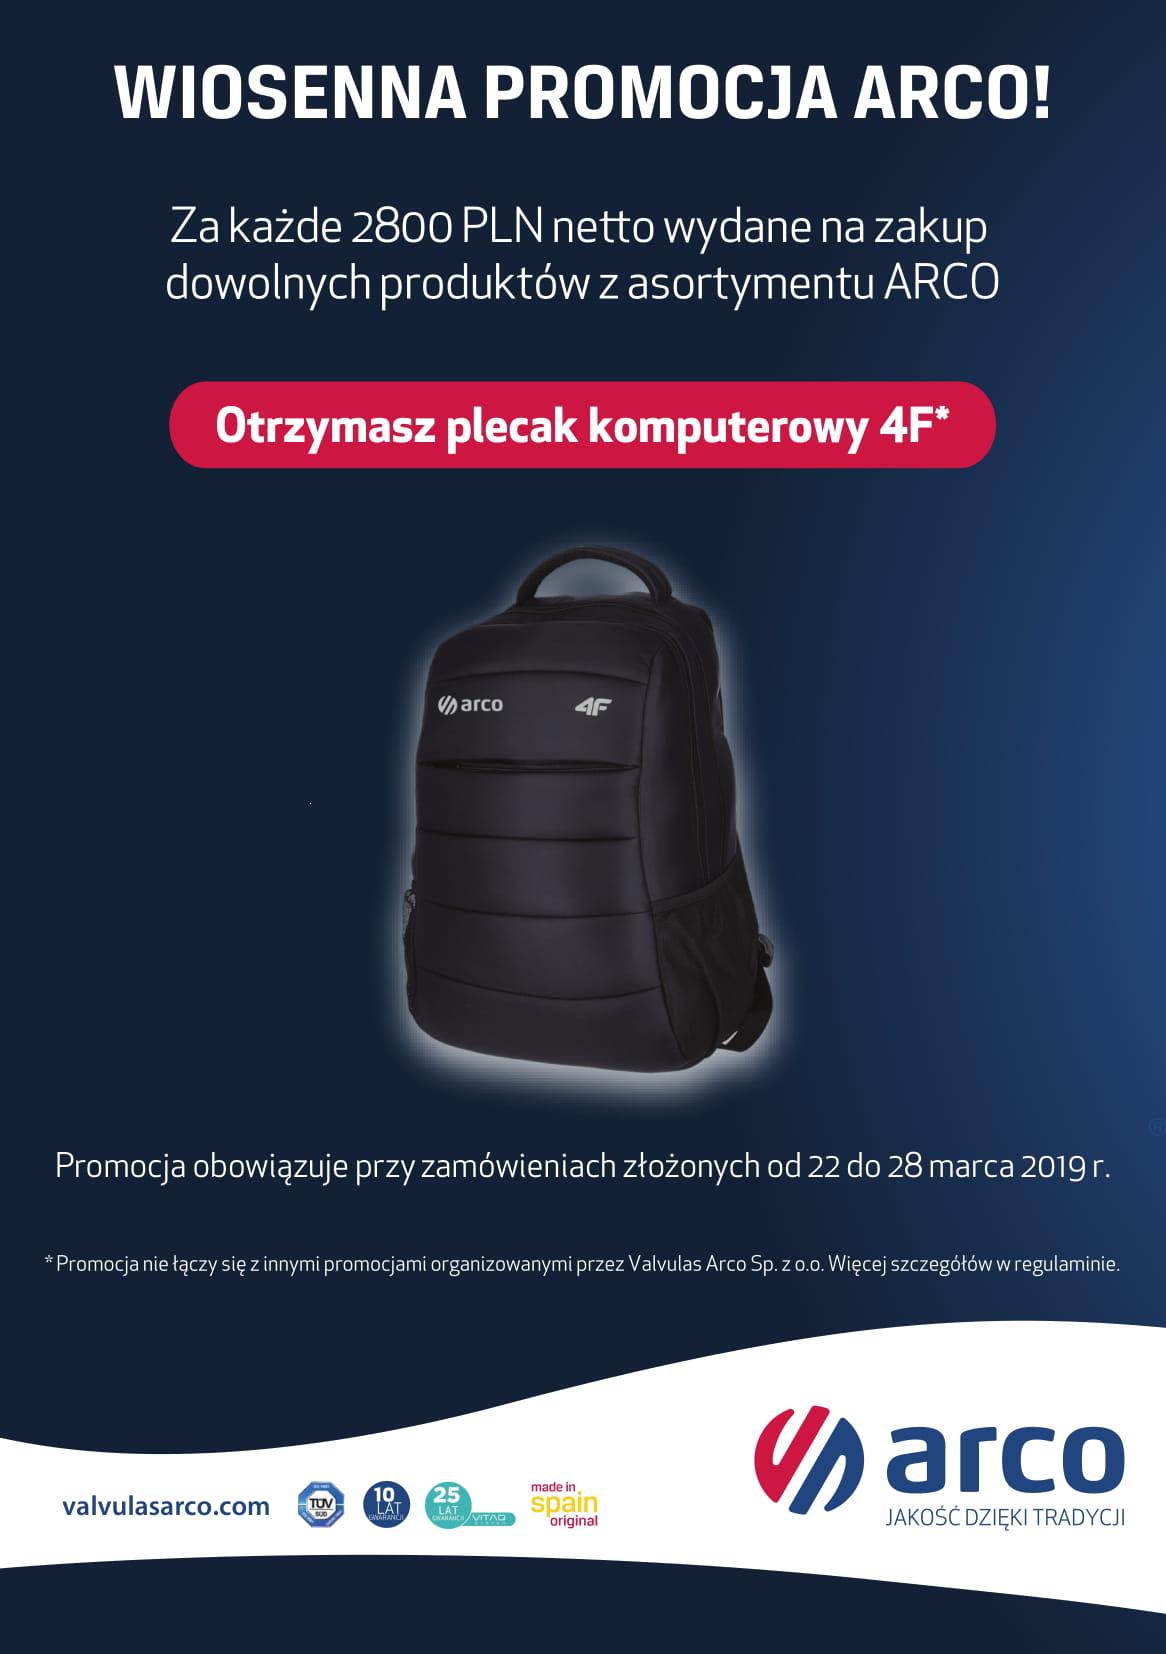 Wiosenna promocja ARCO